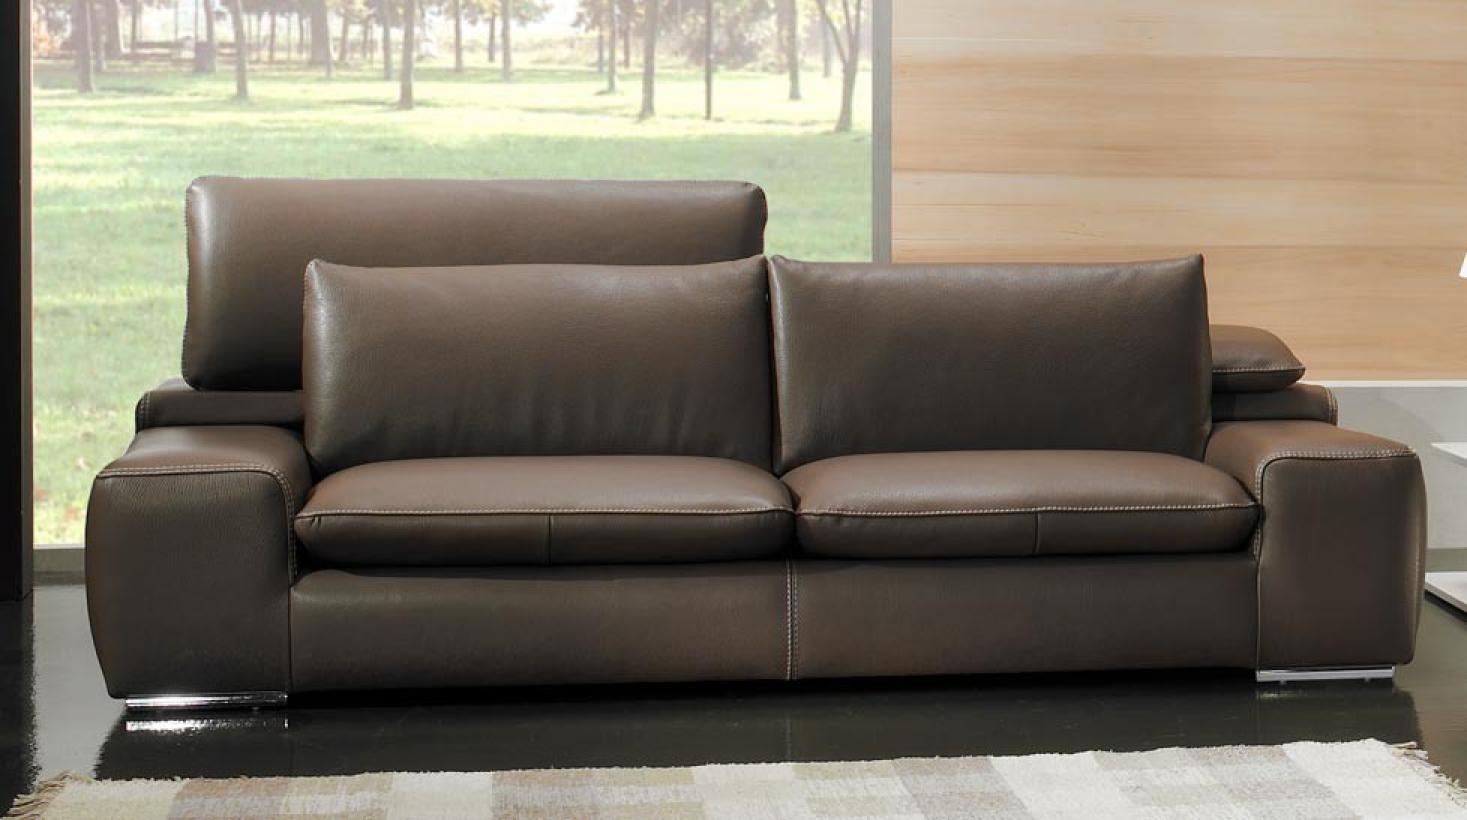 s canapé haut de gamme en cuir